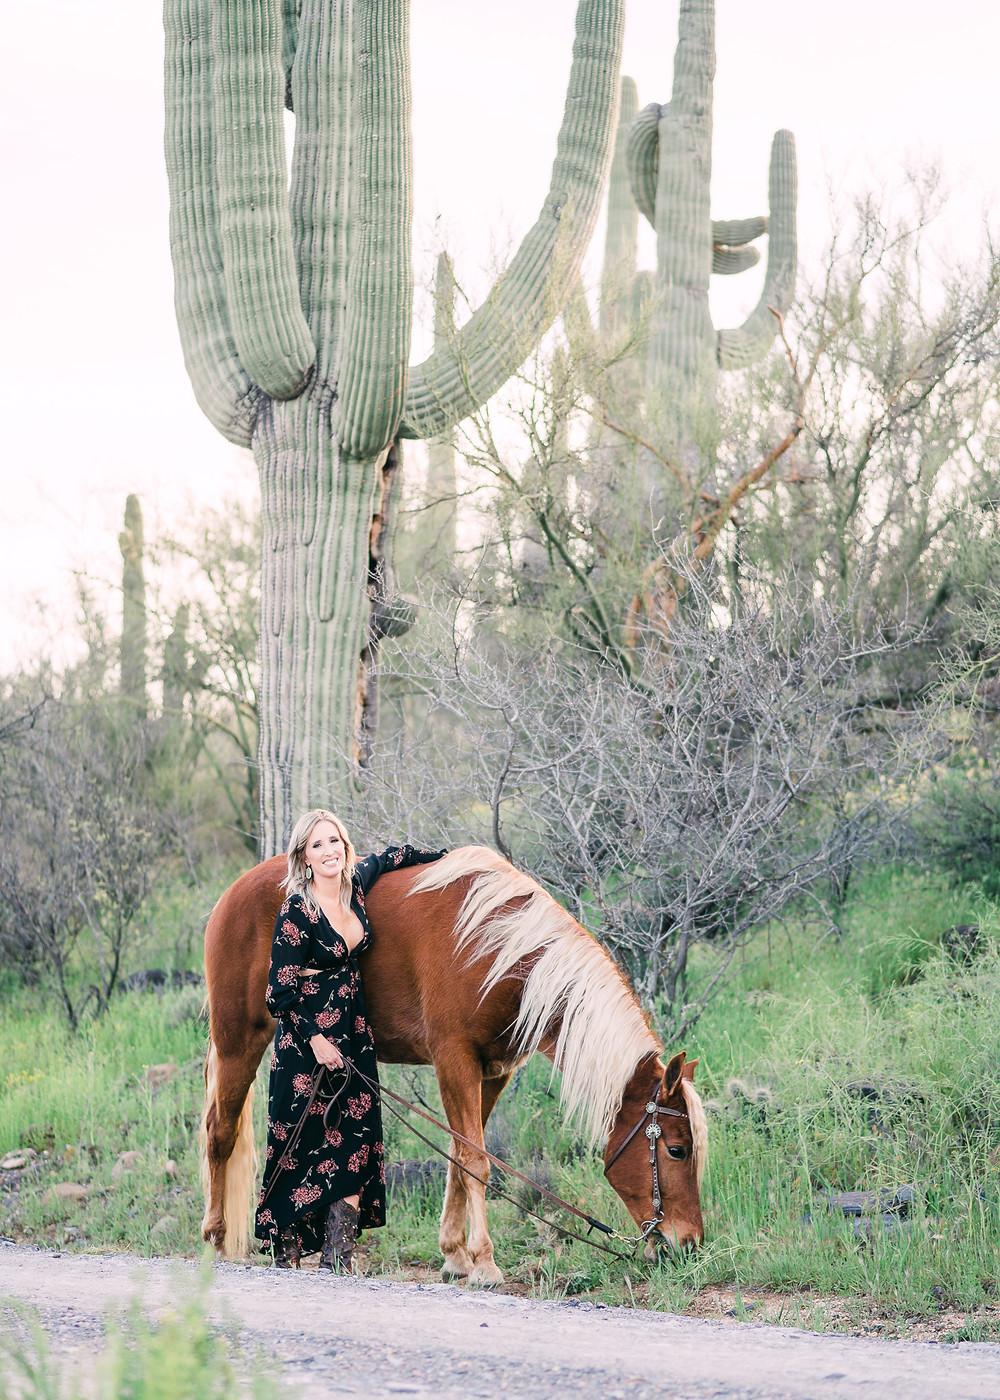 The most amazing saguaro cactus